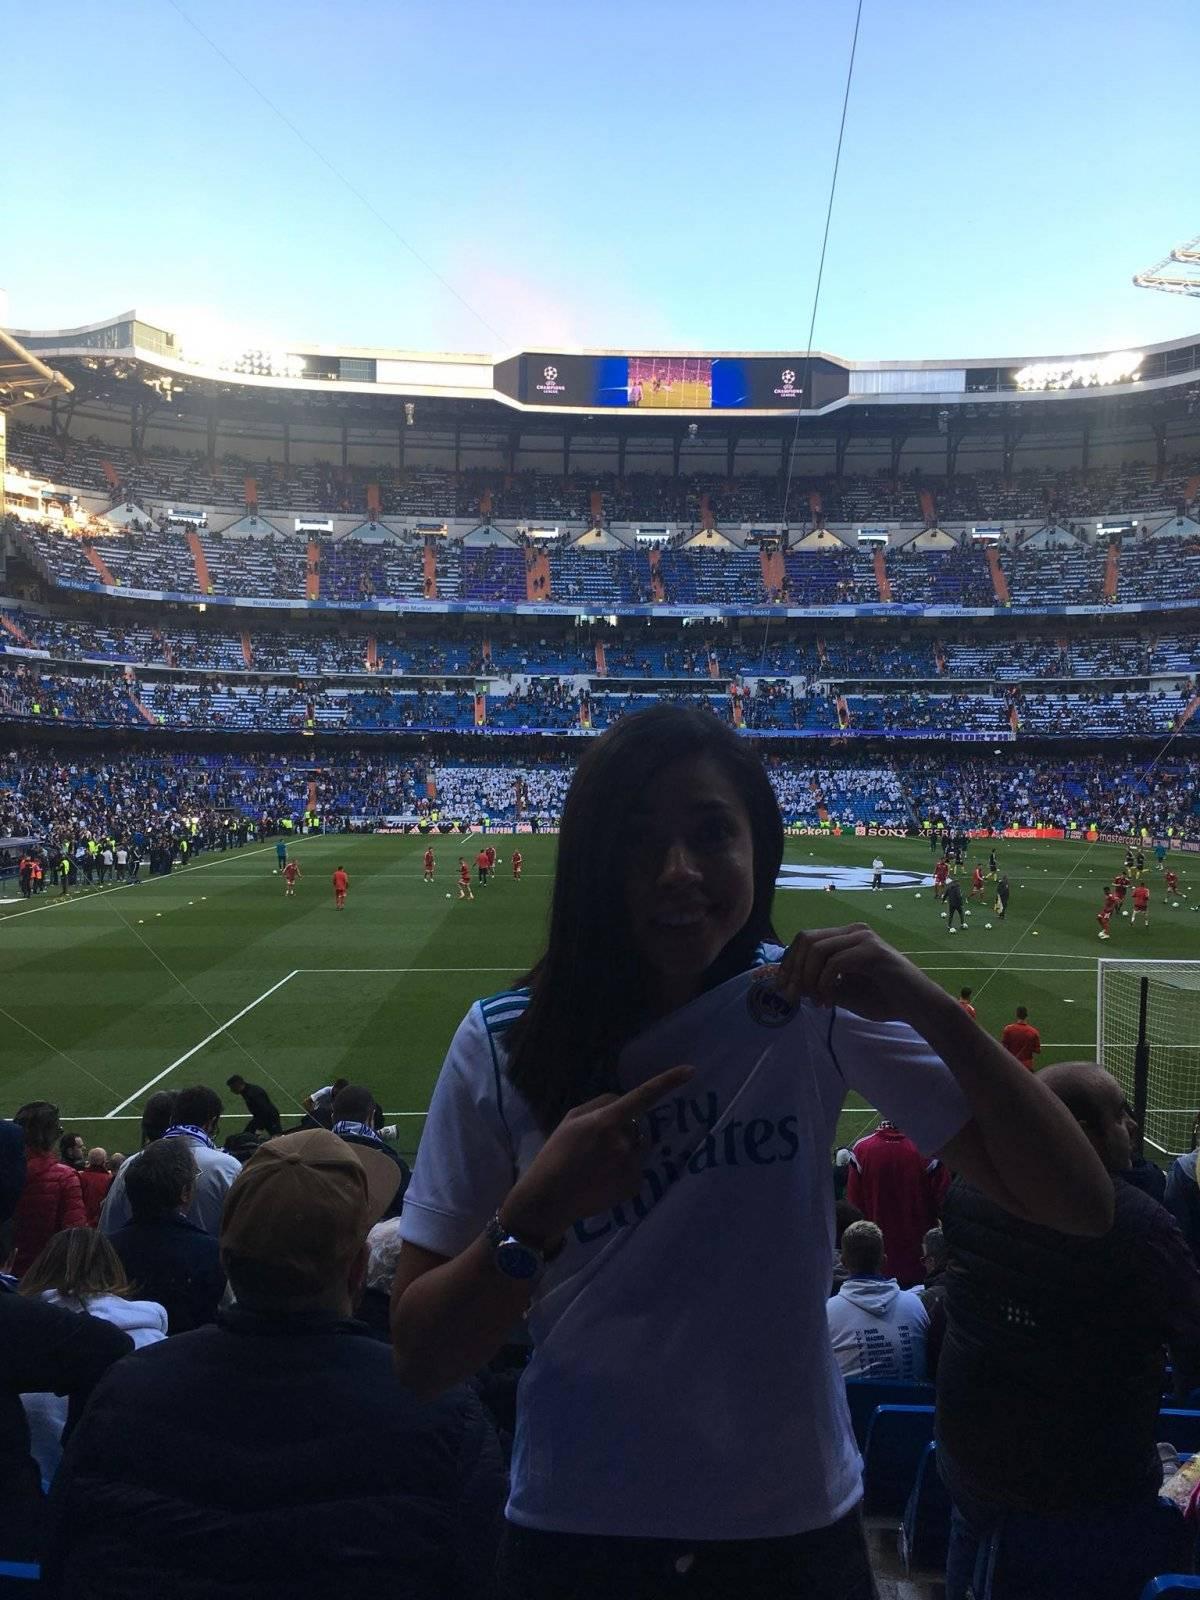 La delantera guatemalteca mostró su amor por el Real Madrid.